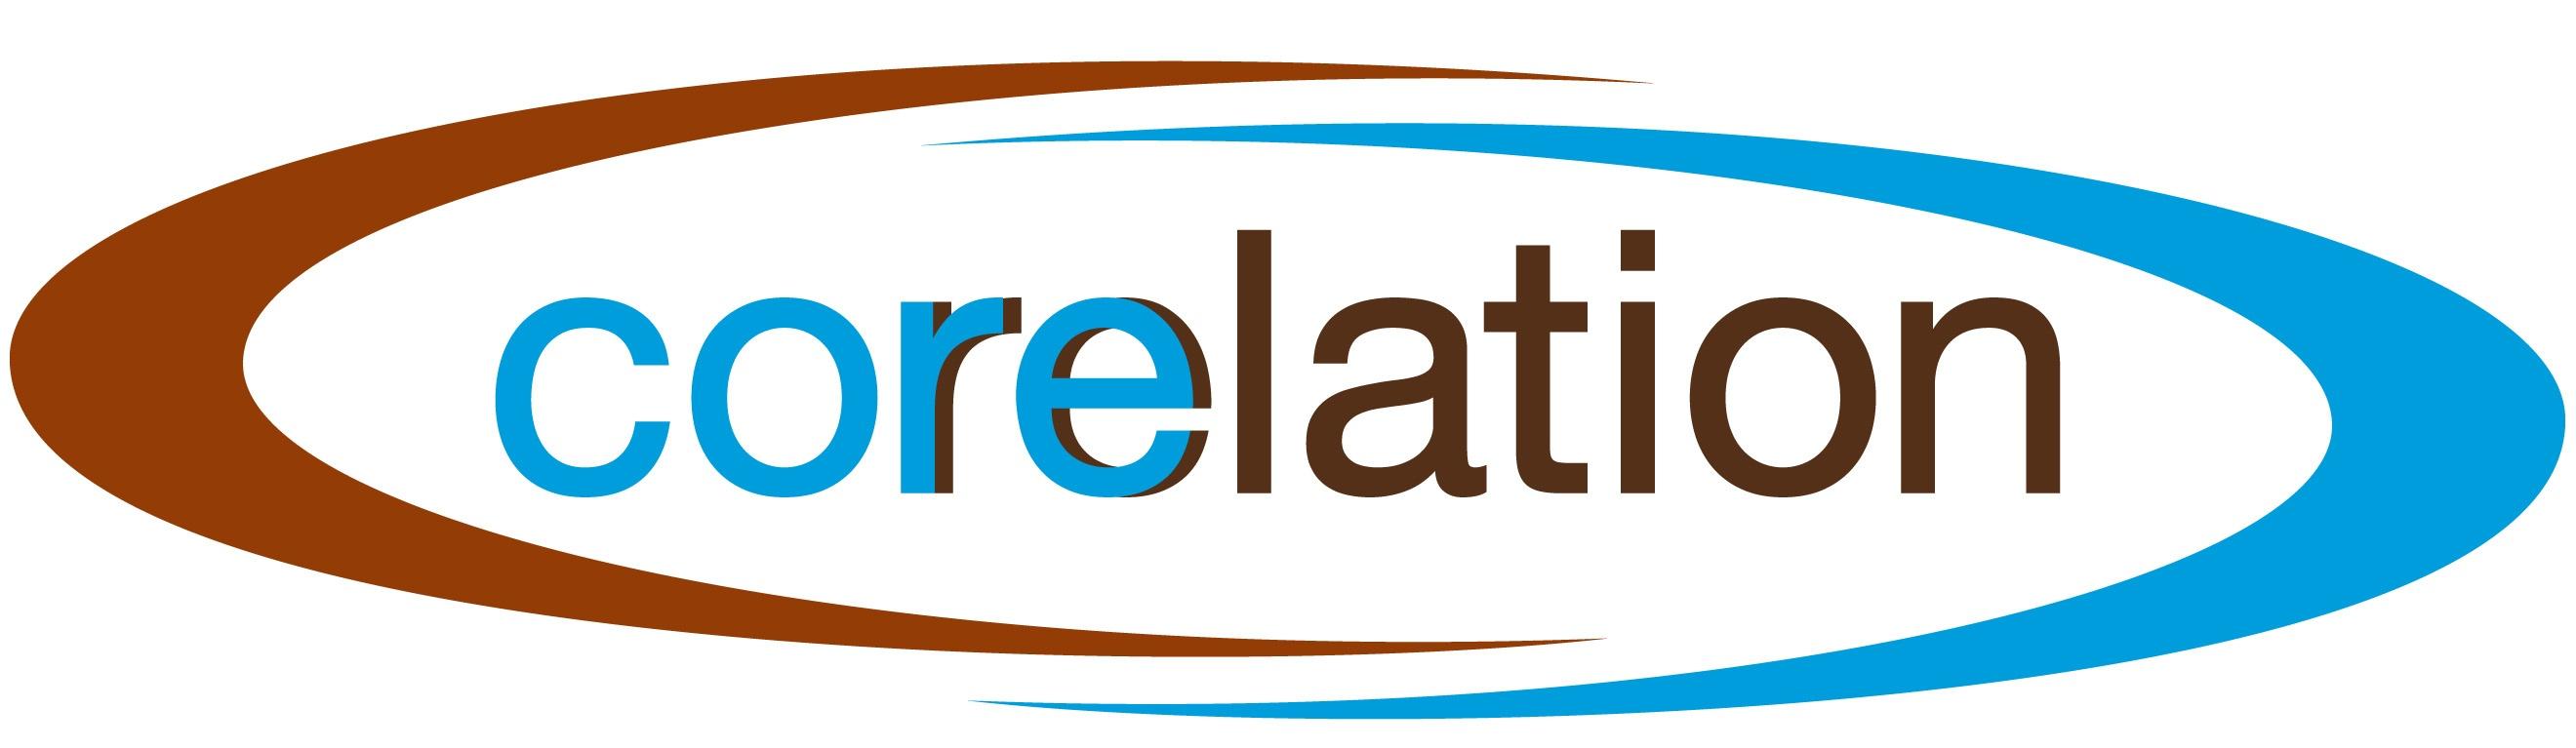 Corelation_Logo_300dpi.jpg